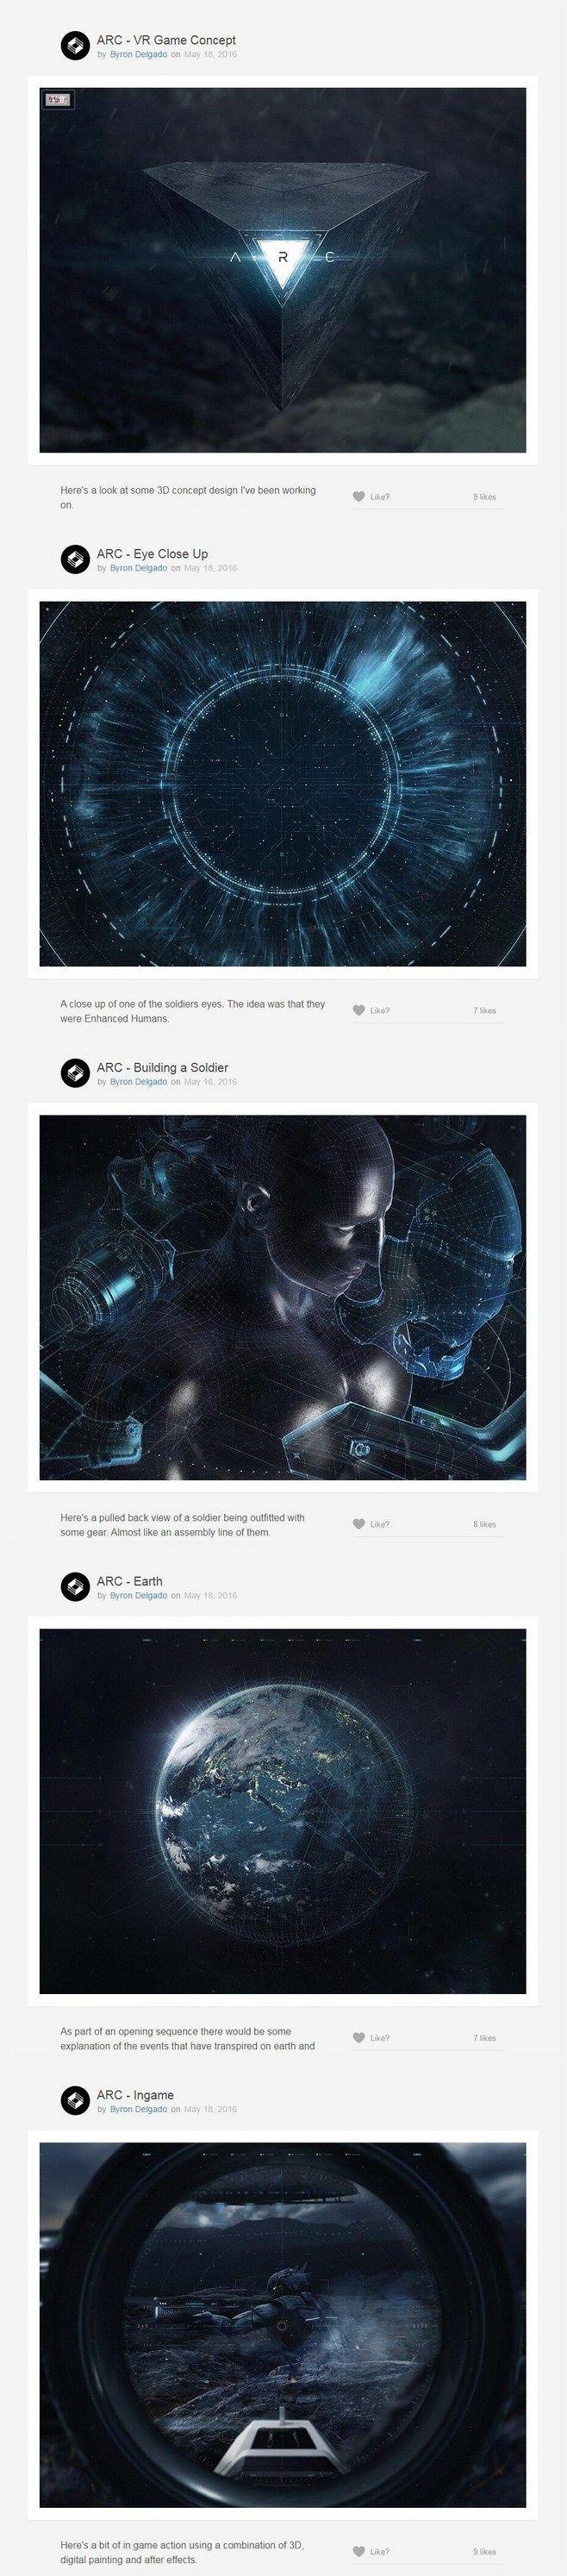 #产品展示# #科技# ARC - VR...